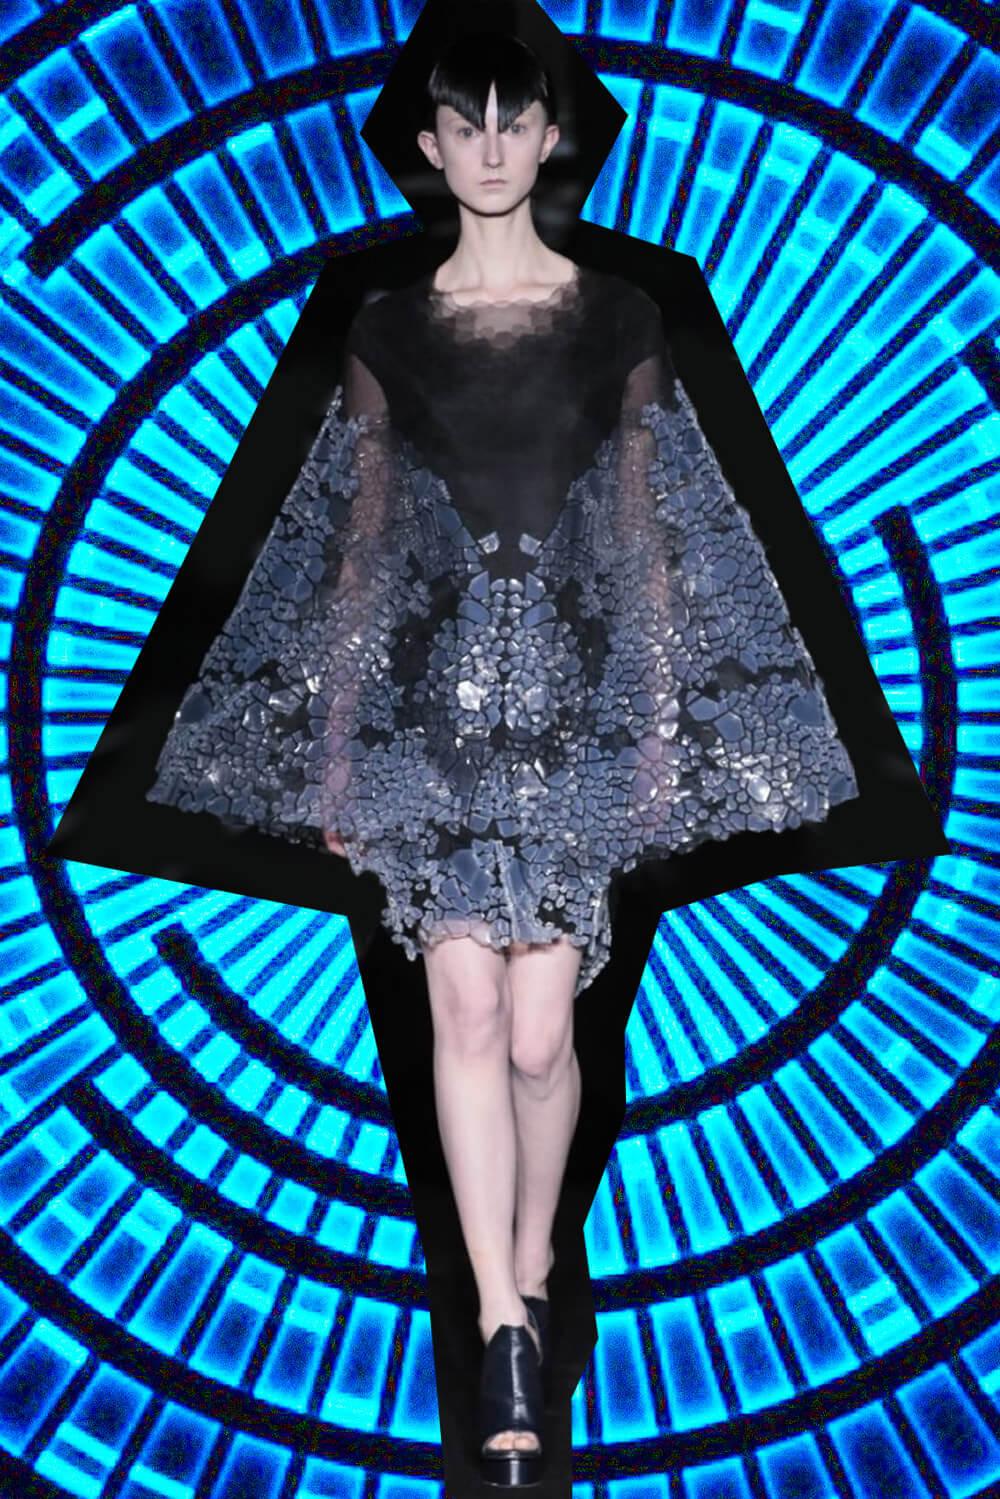 Digital fashion design